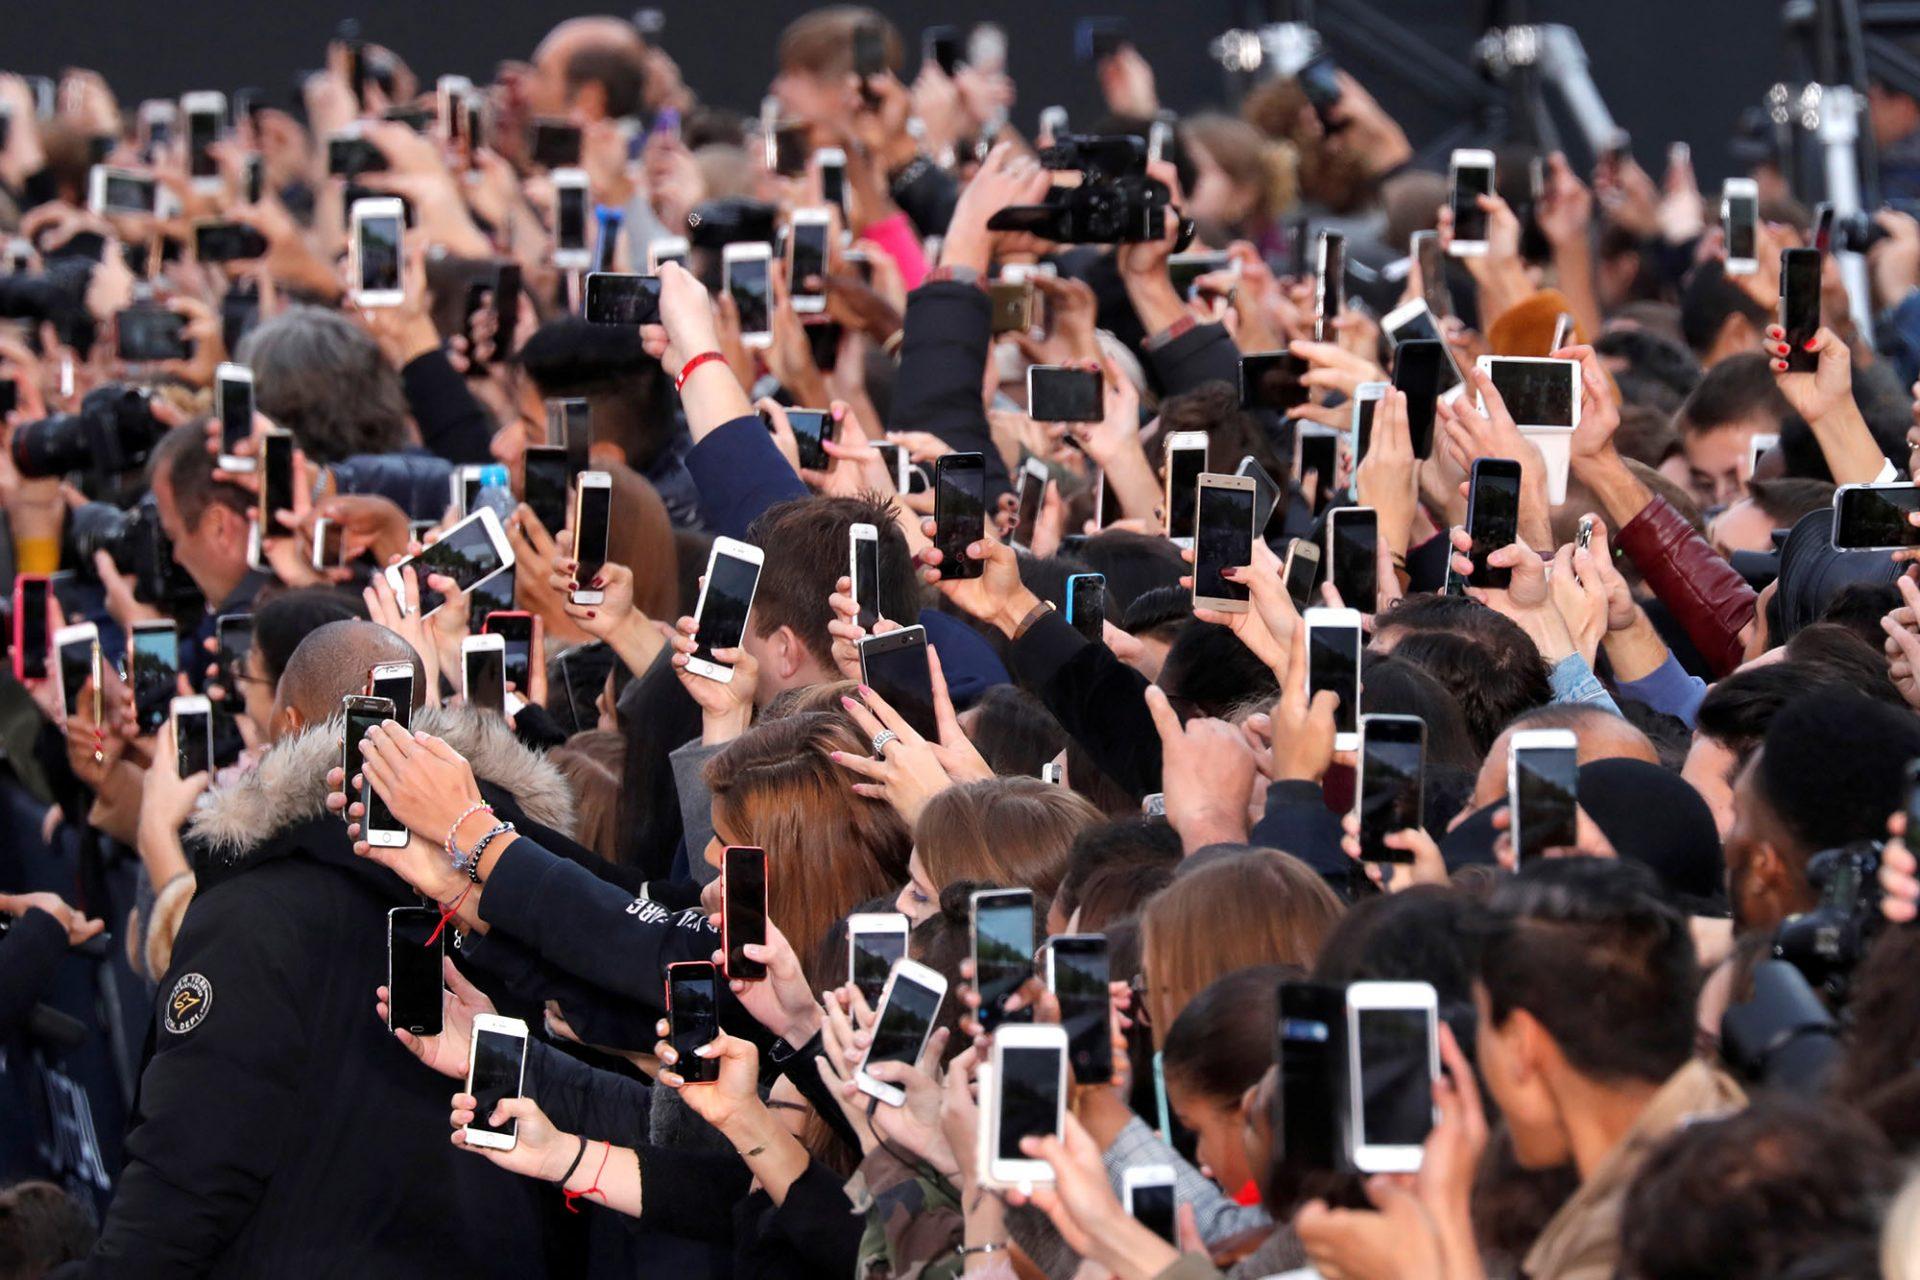 Statul pe social media, activitatea preferată pe internet a românilor. Consumul de presă e (destul de) popular